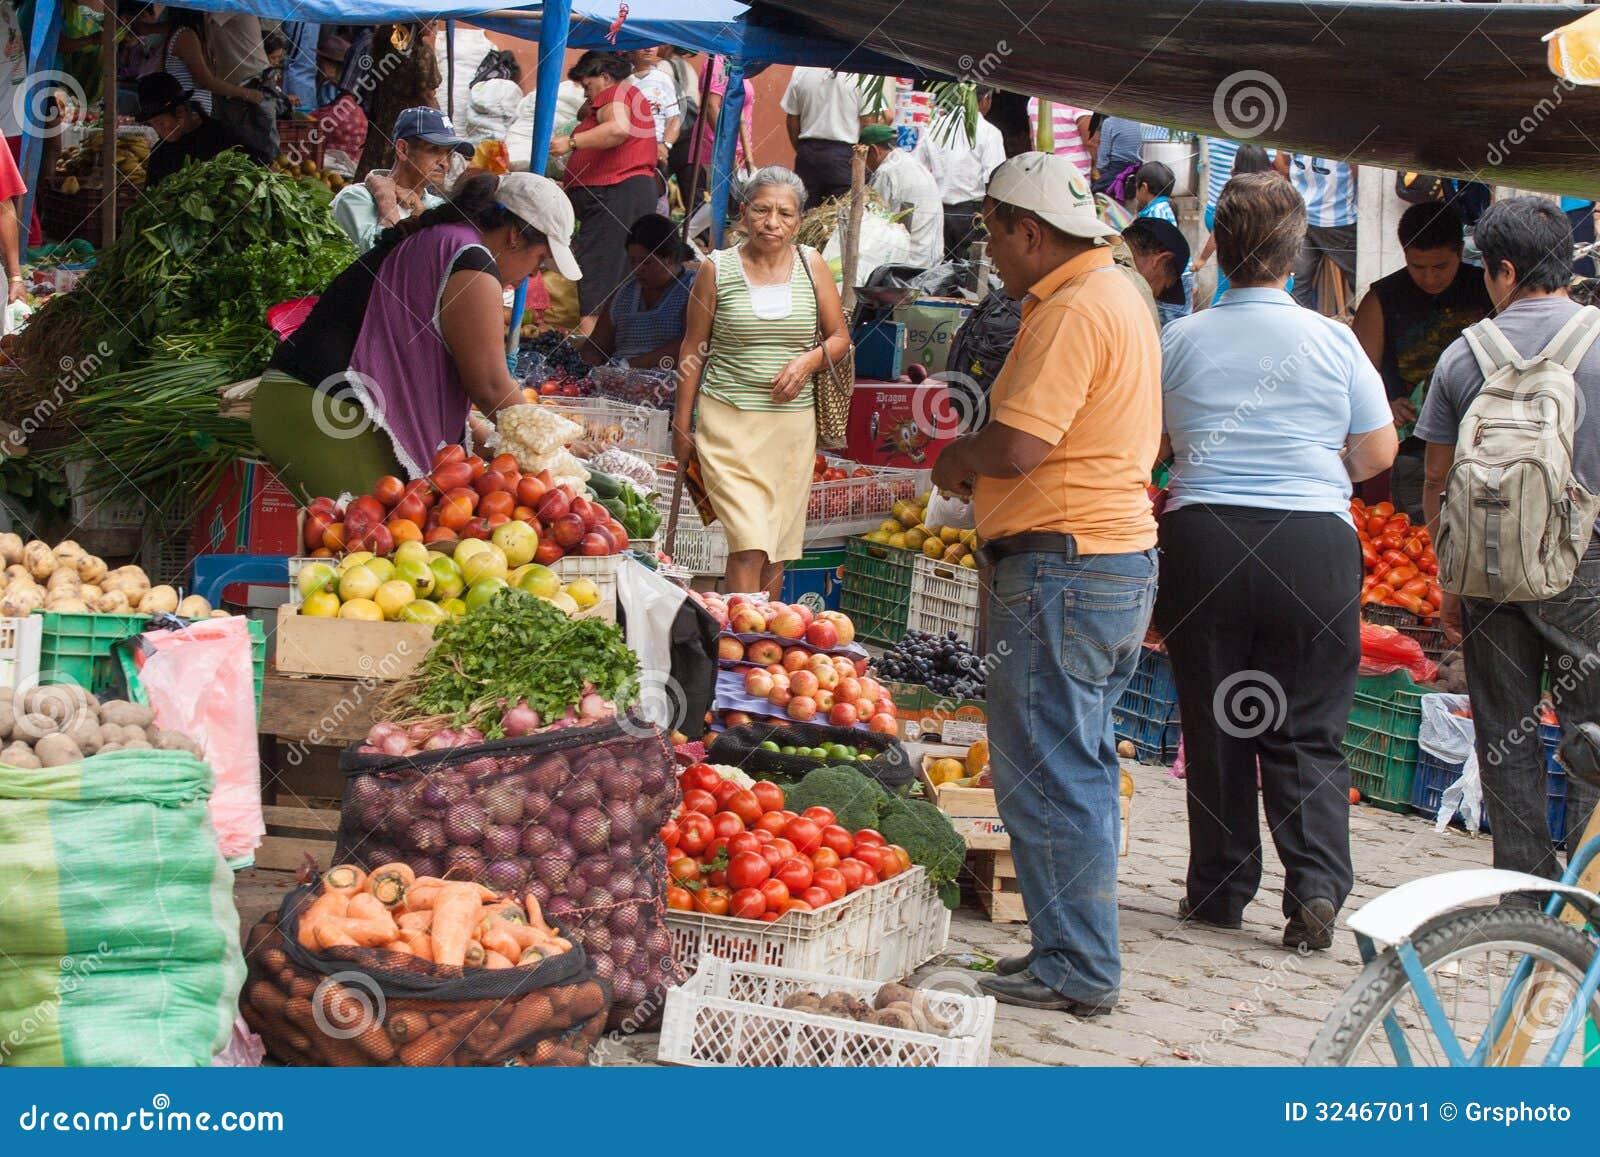 Otavalo Market Food